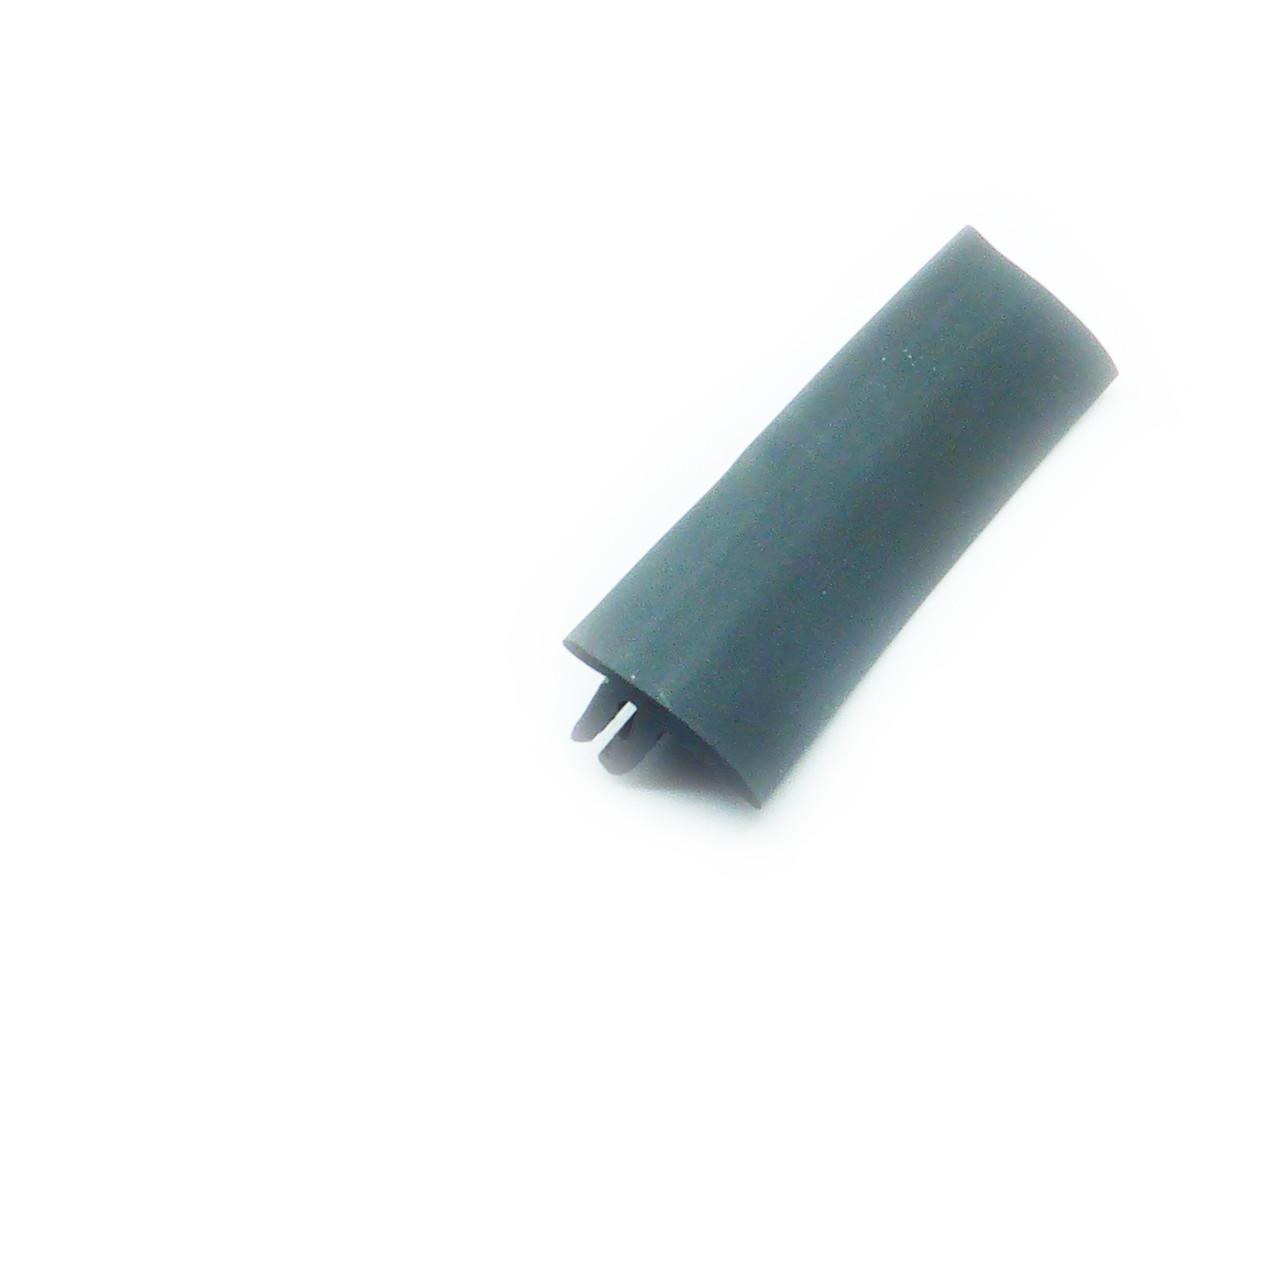 Вставка заглушка декоративная для натяжного потолка черная (ширина 9 мм, матовая, 2 зуба)